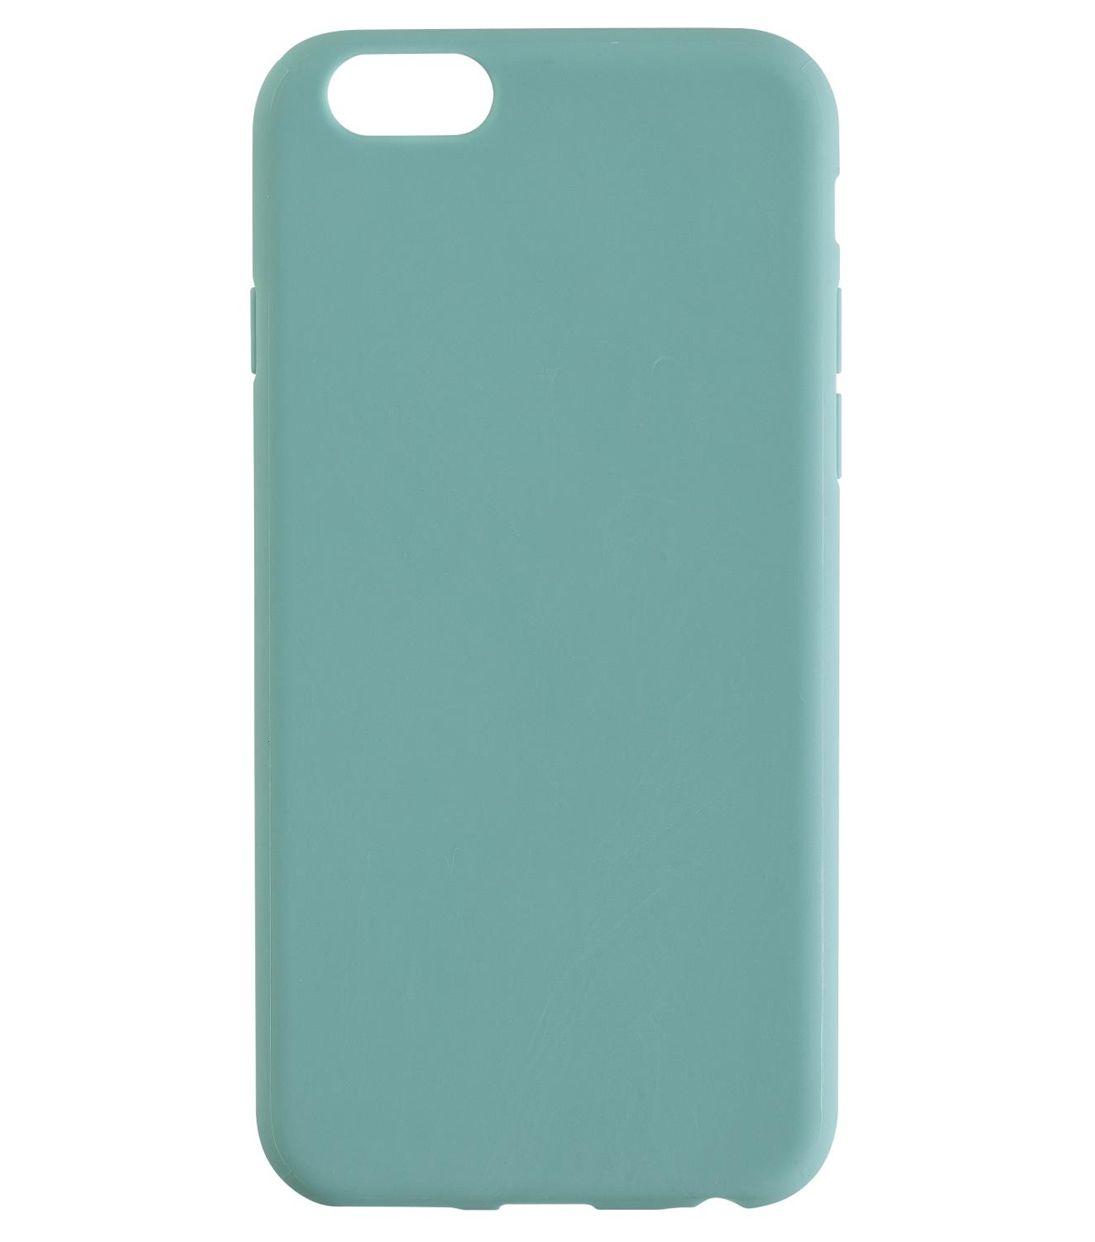 Pinterest Softcase Iphone 6 En Want 6 Hema 8wpIwq6xg